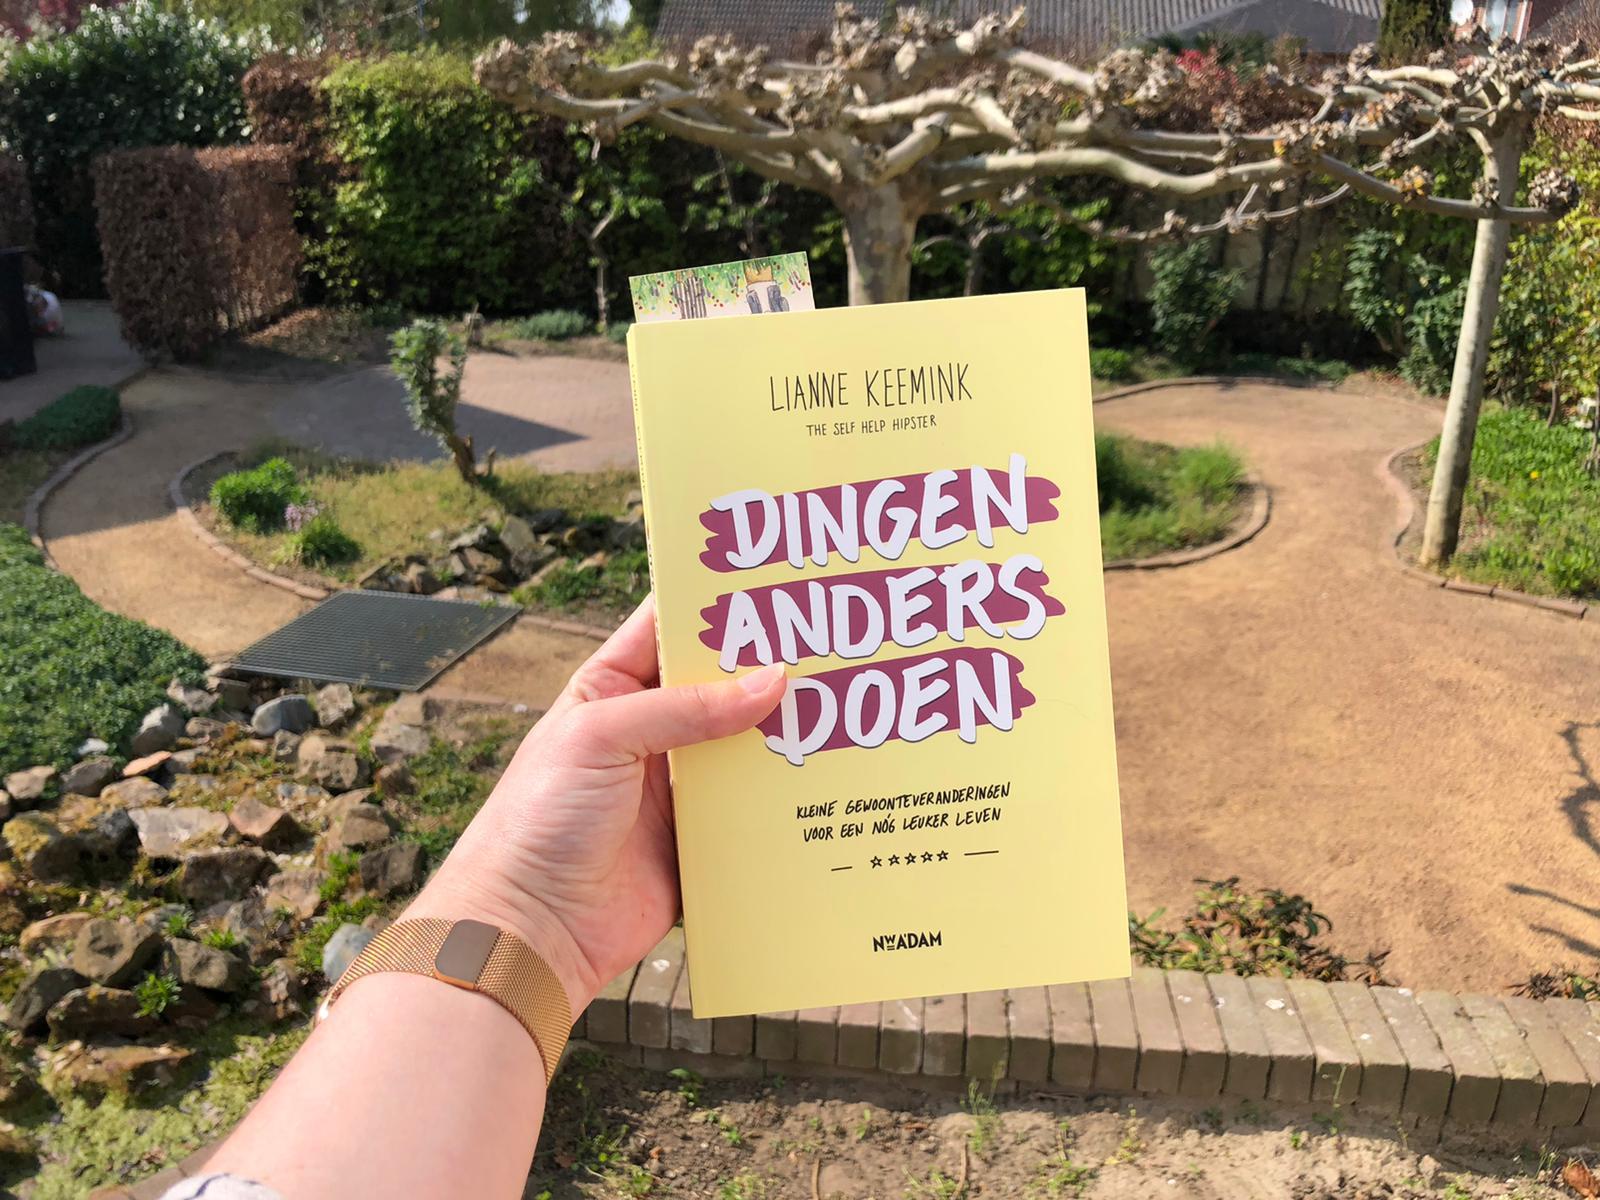 Dingen anders doen lezen in de tuin